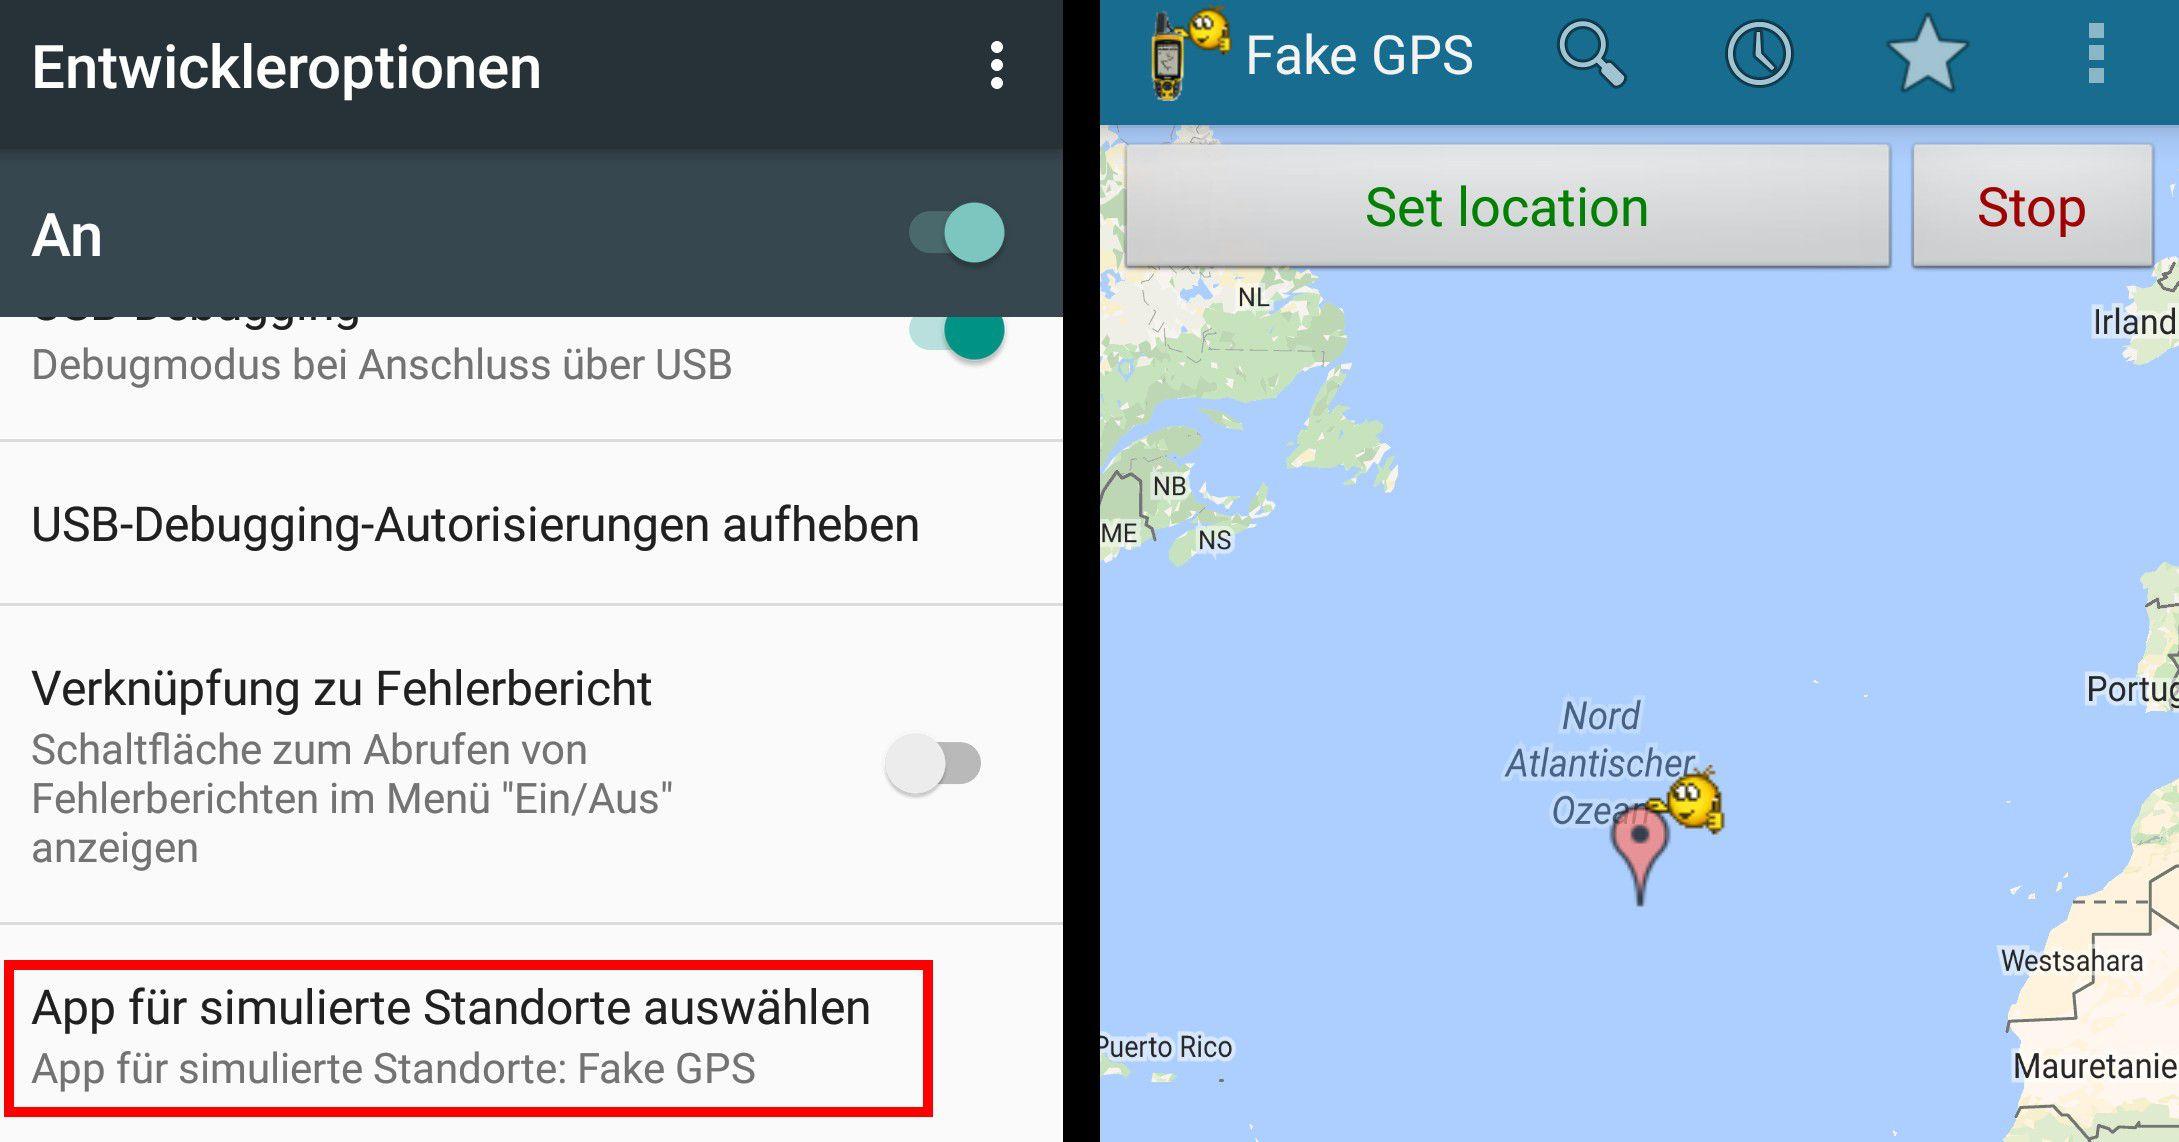 tipps Verschleiern Sie den wahren Standort Ihres Android Smartphones .